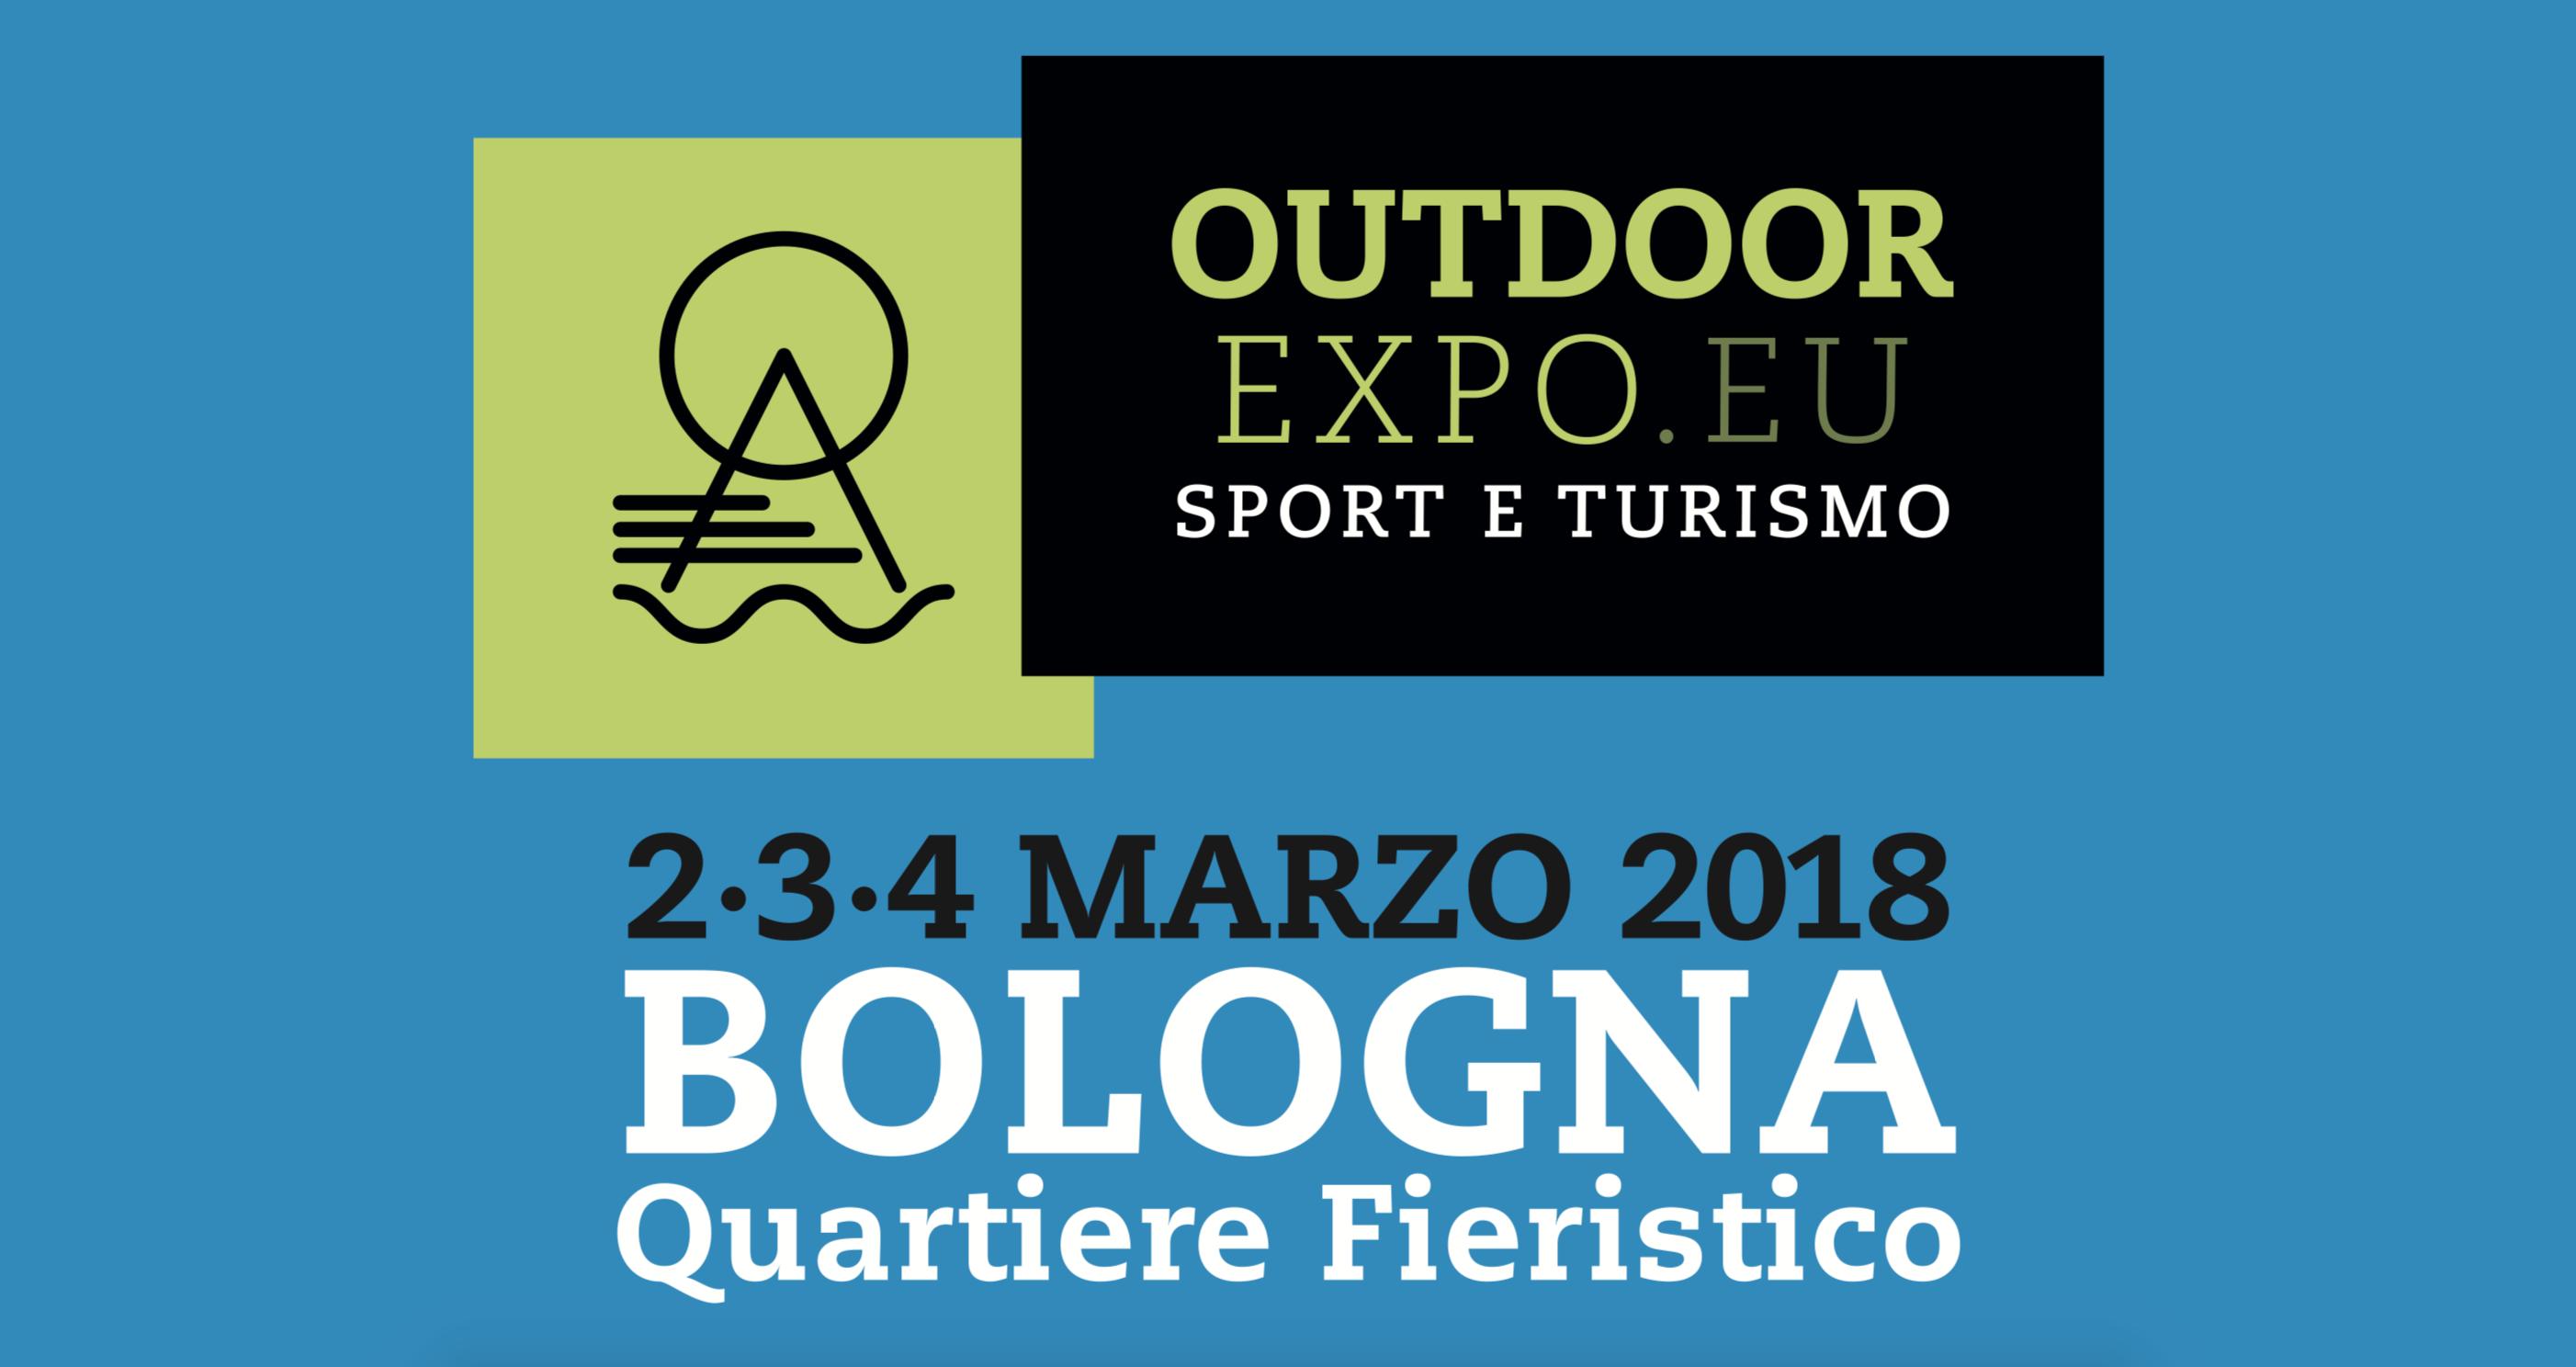 OUTDOOR EXPO, OMNIA RELATIONS LANCIA I PREMI ALLE MIGLIORI PROGETTUALITA'